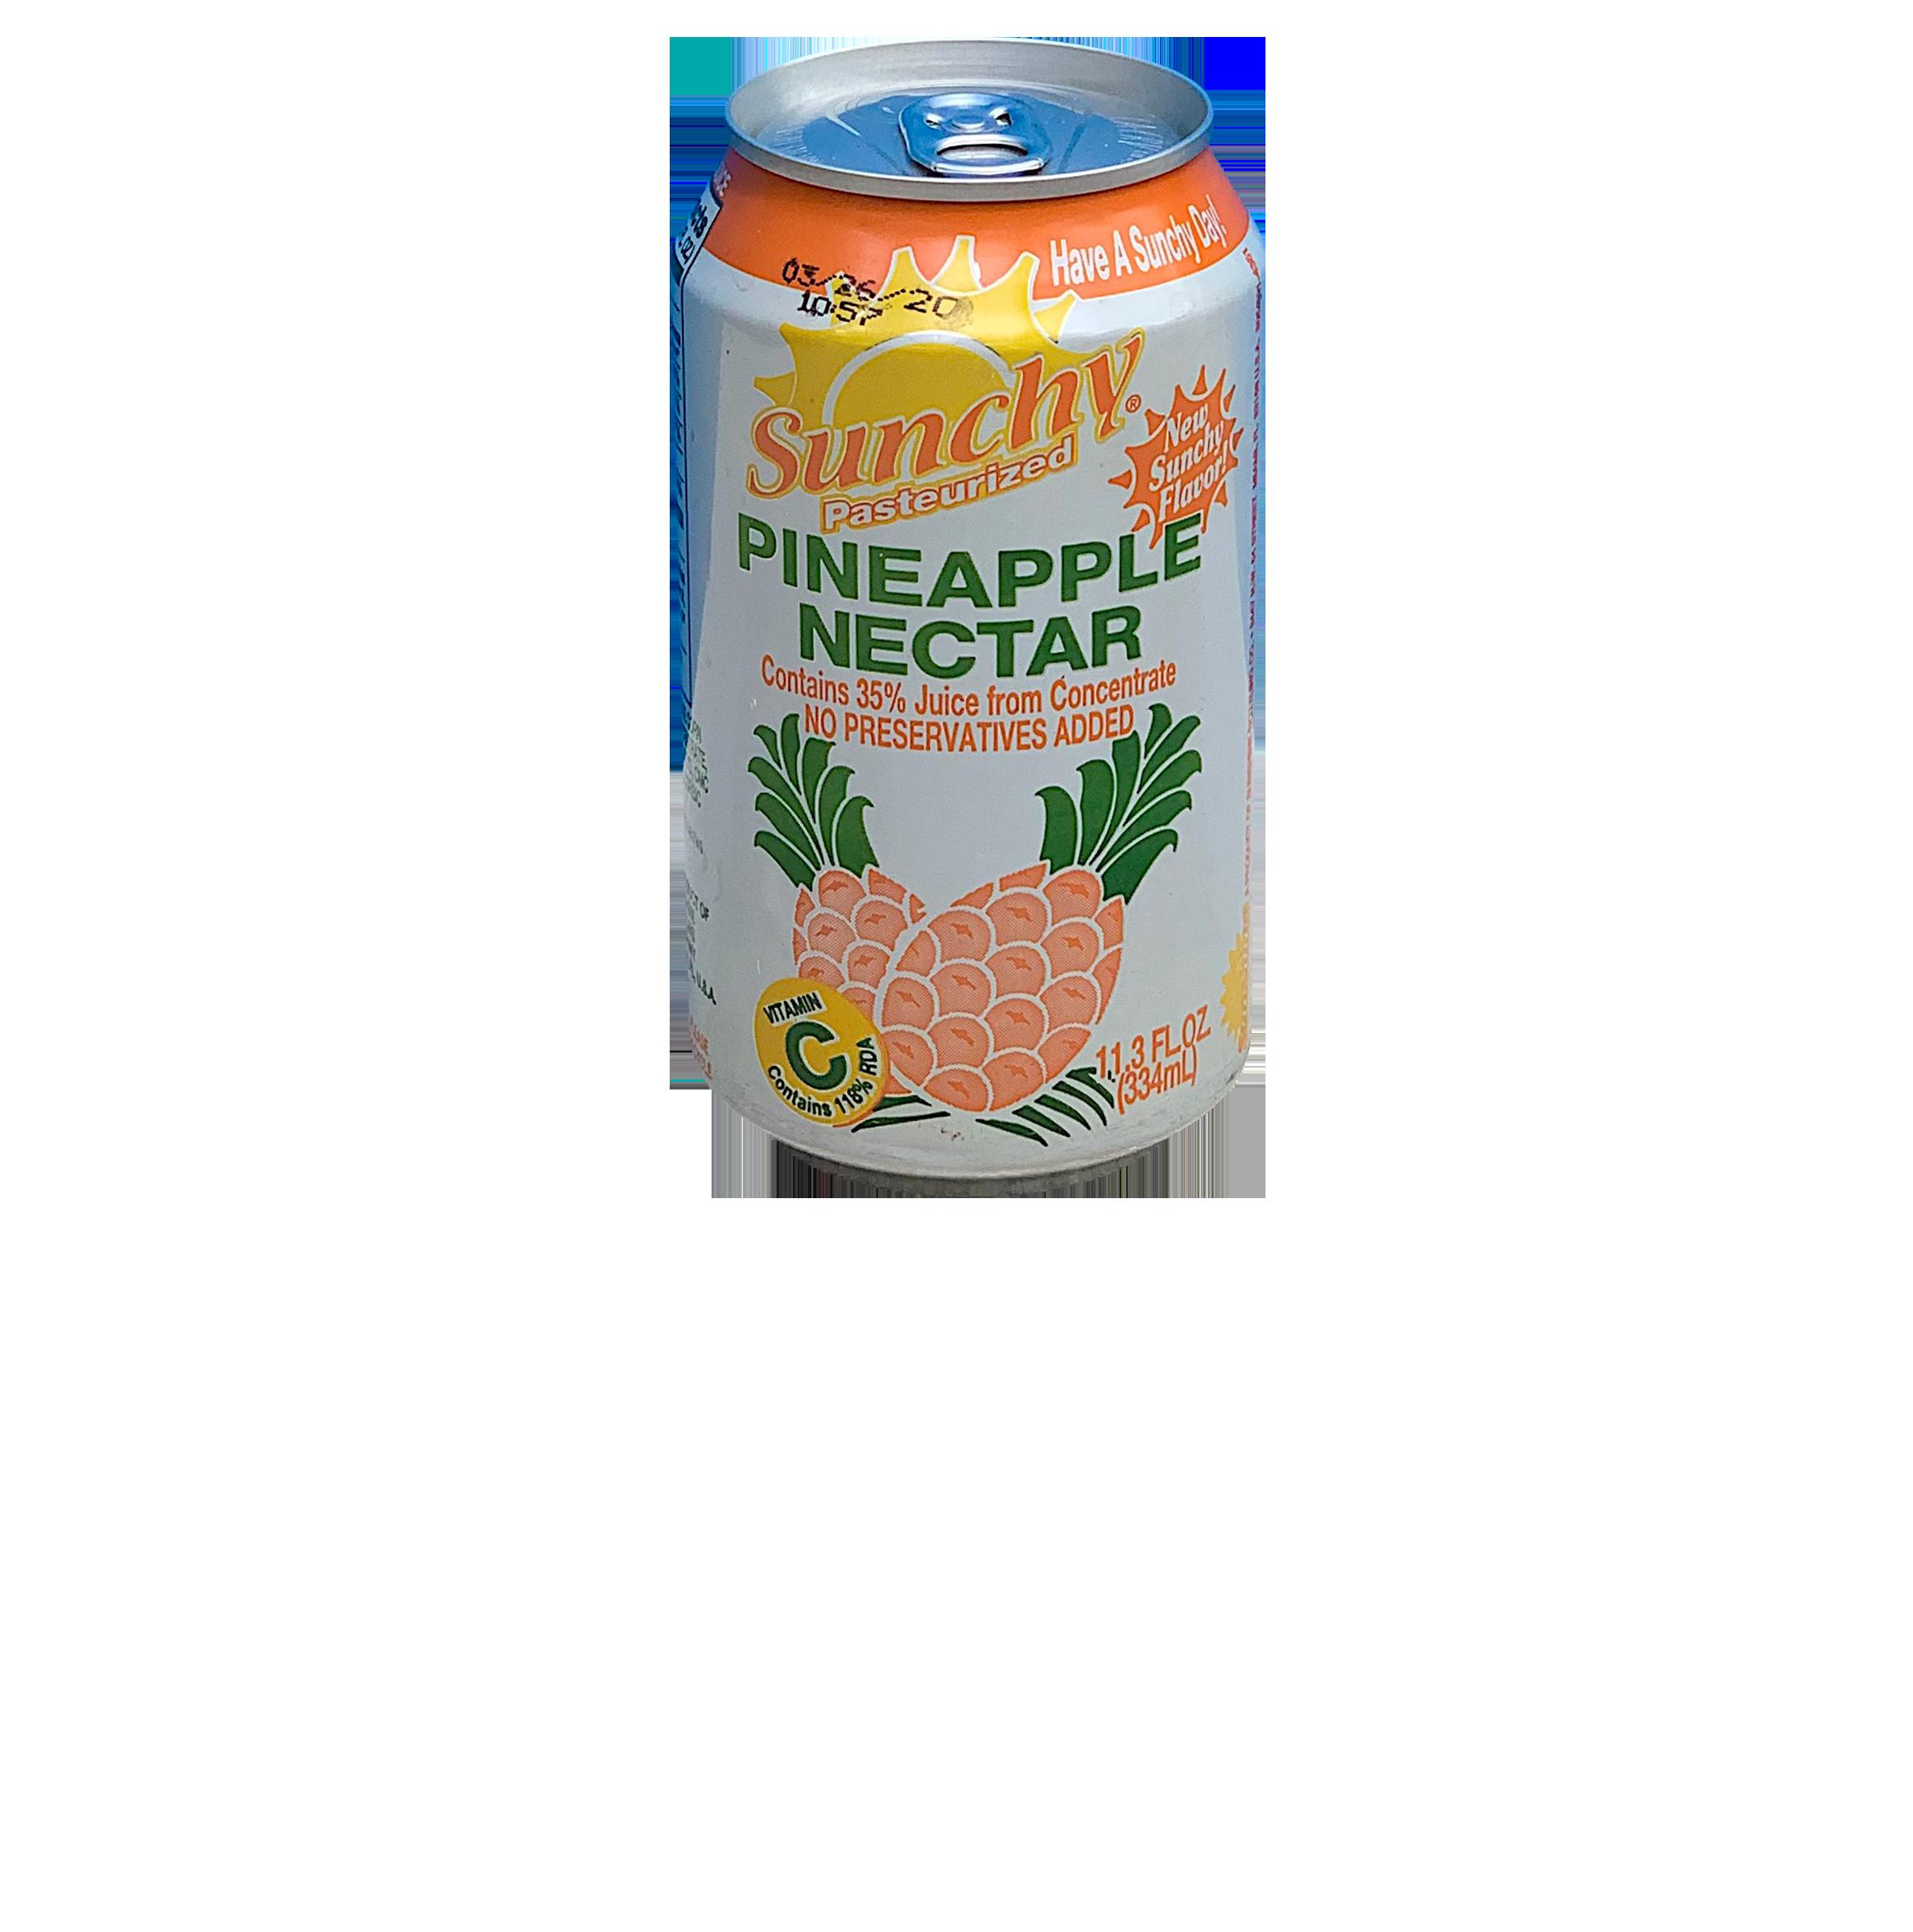 Sunchy Pineapple Nectar